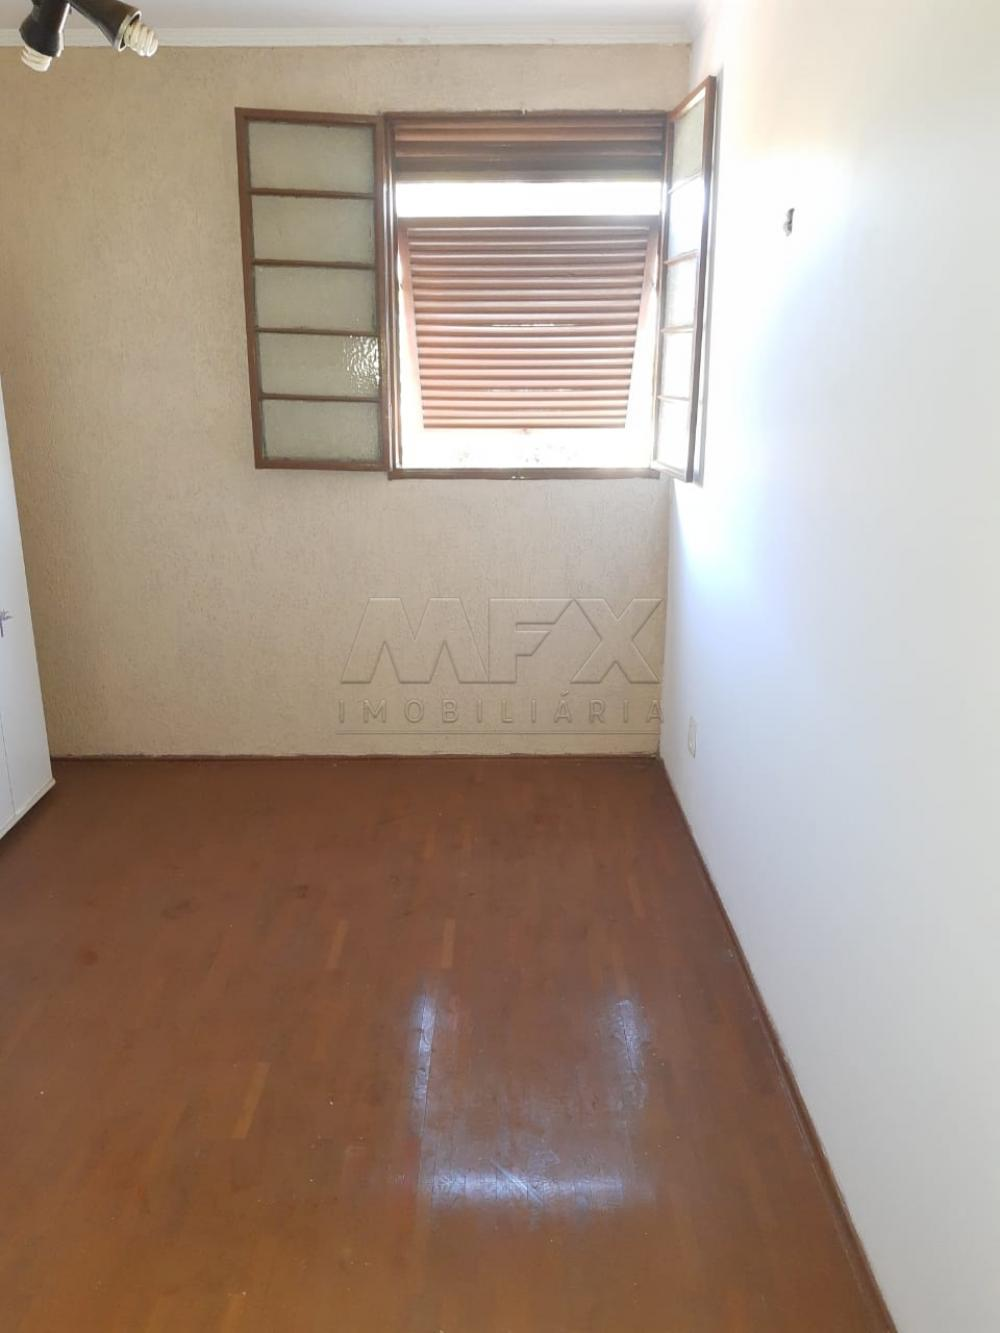 Comprar Apartamento / Padrão em Bauru R$ 154.000,00 - Foto 6